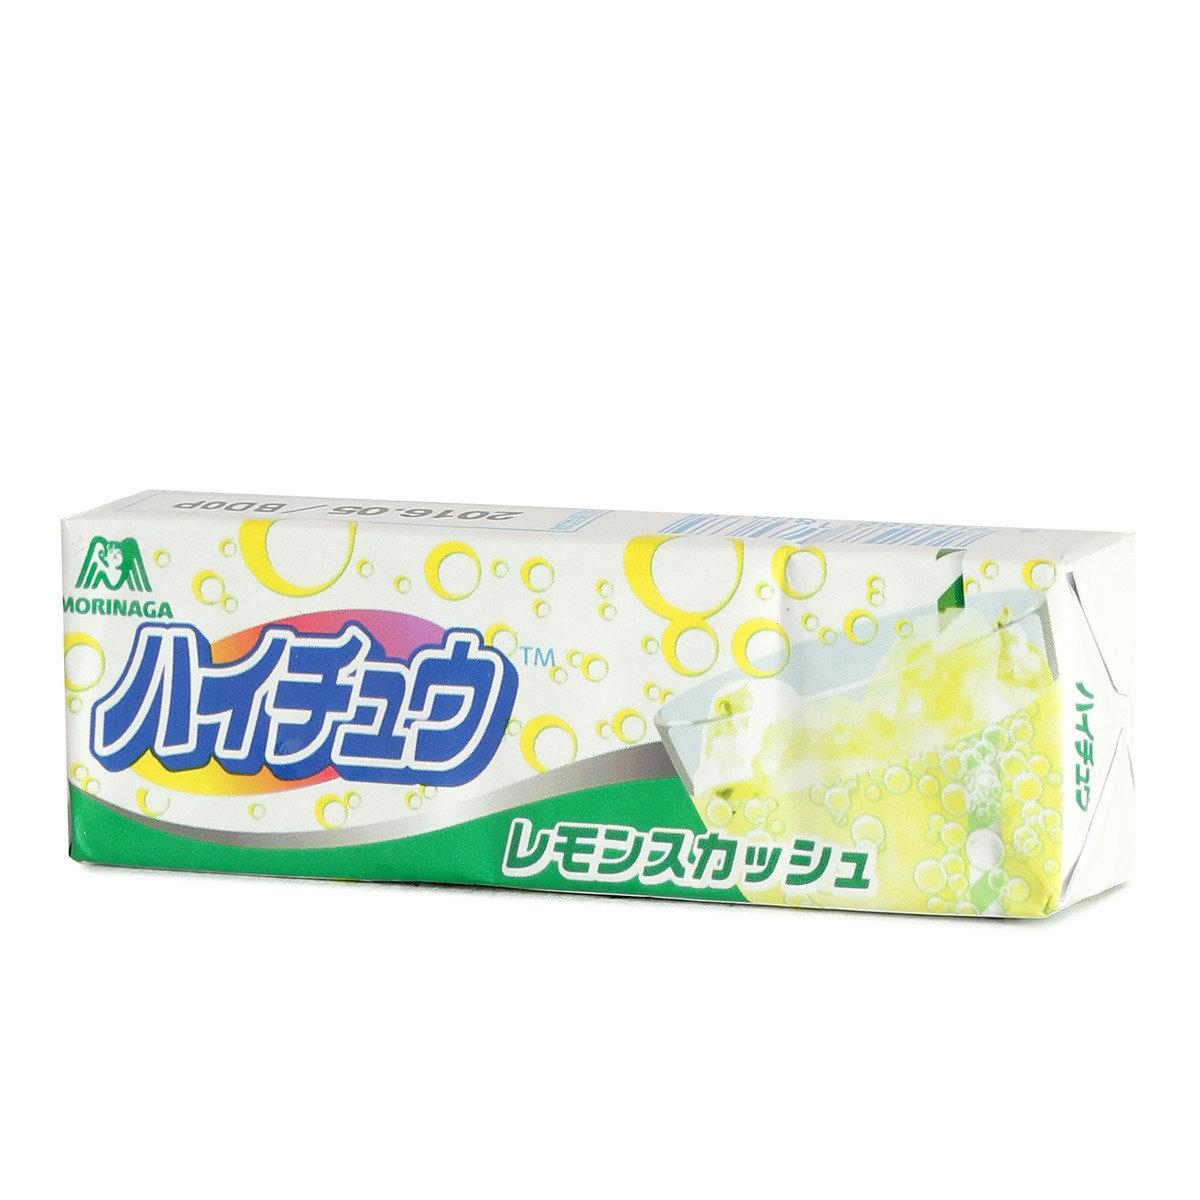 檸檬梳打味軟糖